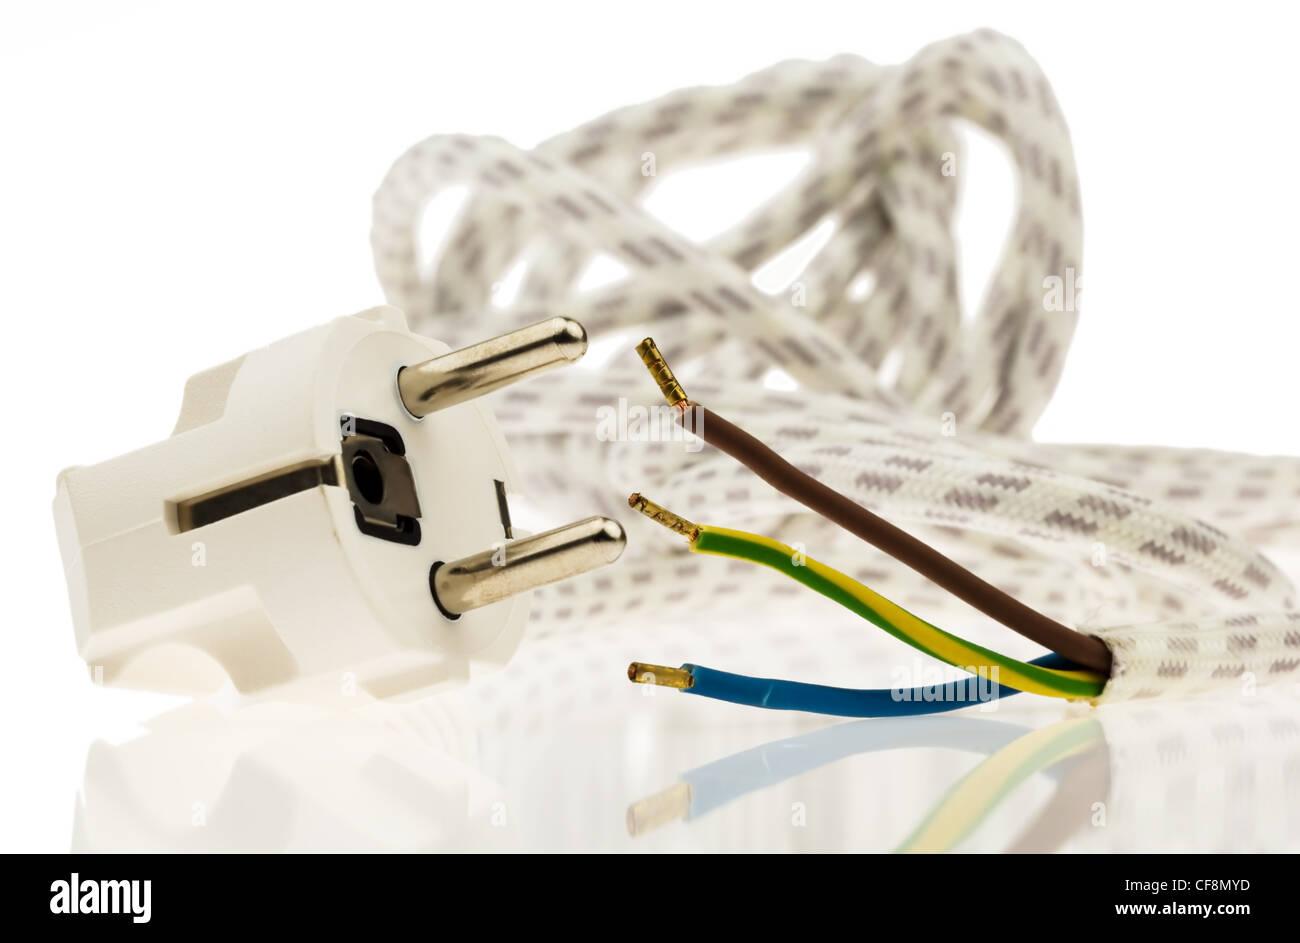 Wonderful Ein Netzkabel Mit Stecker Für Elektrische Energie. Strom Im Haus. Stockbild